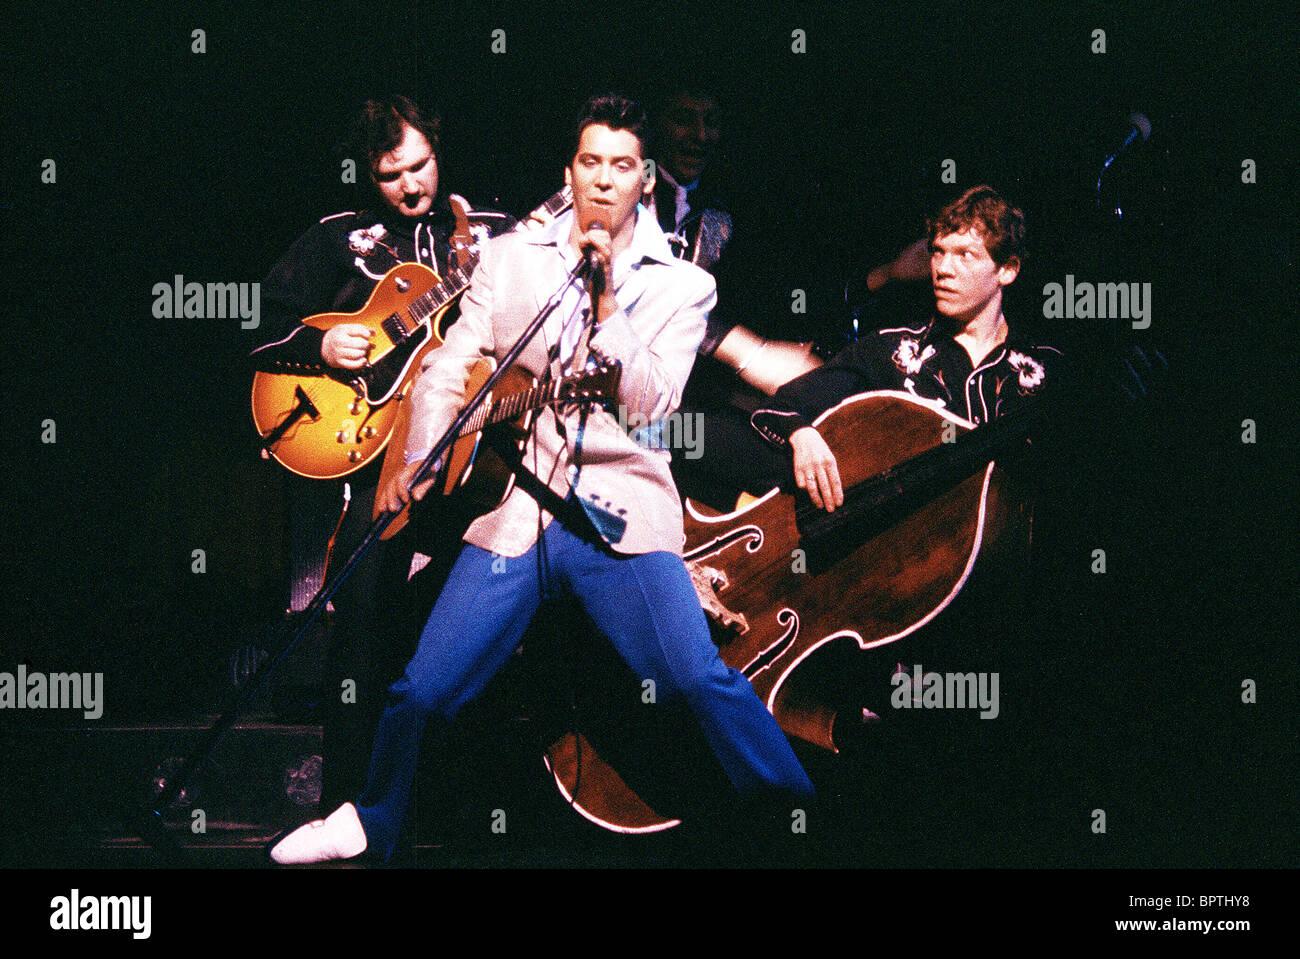 SHAKIN STEVENS. SINGER (1984) - Stock Image